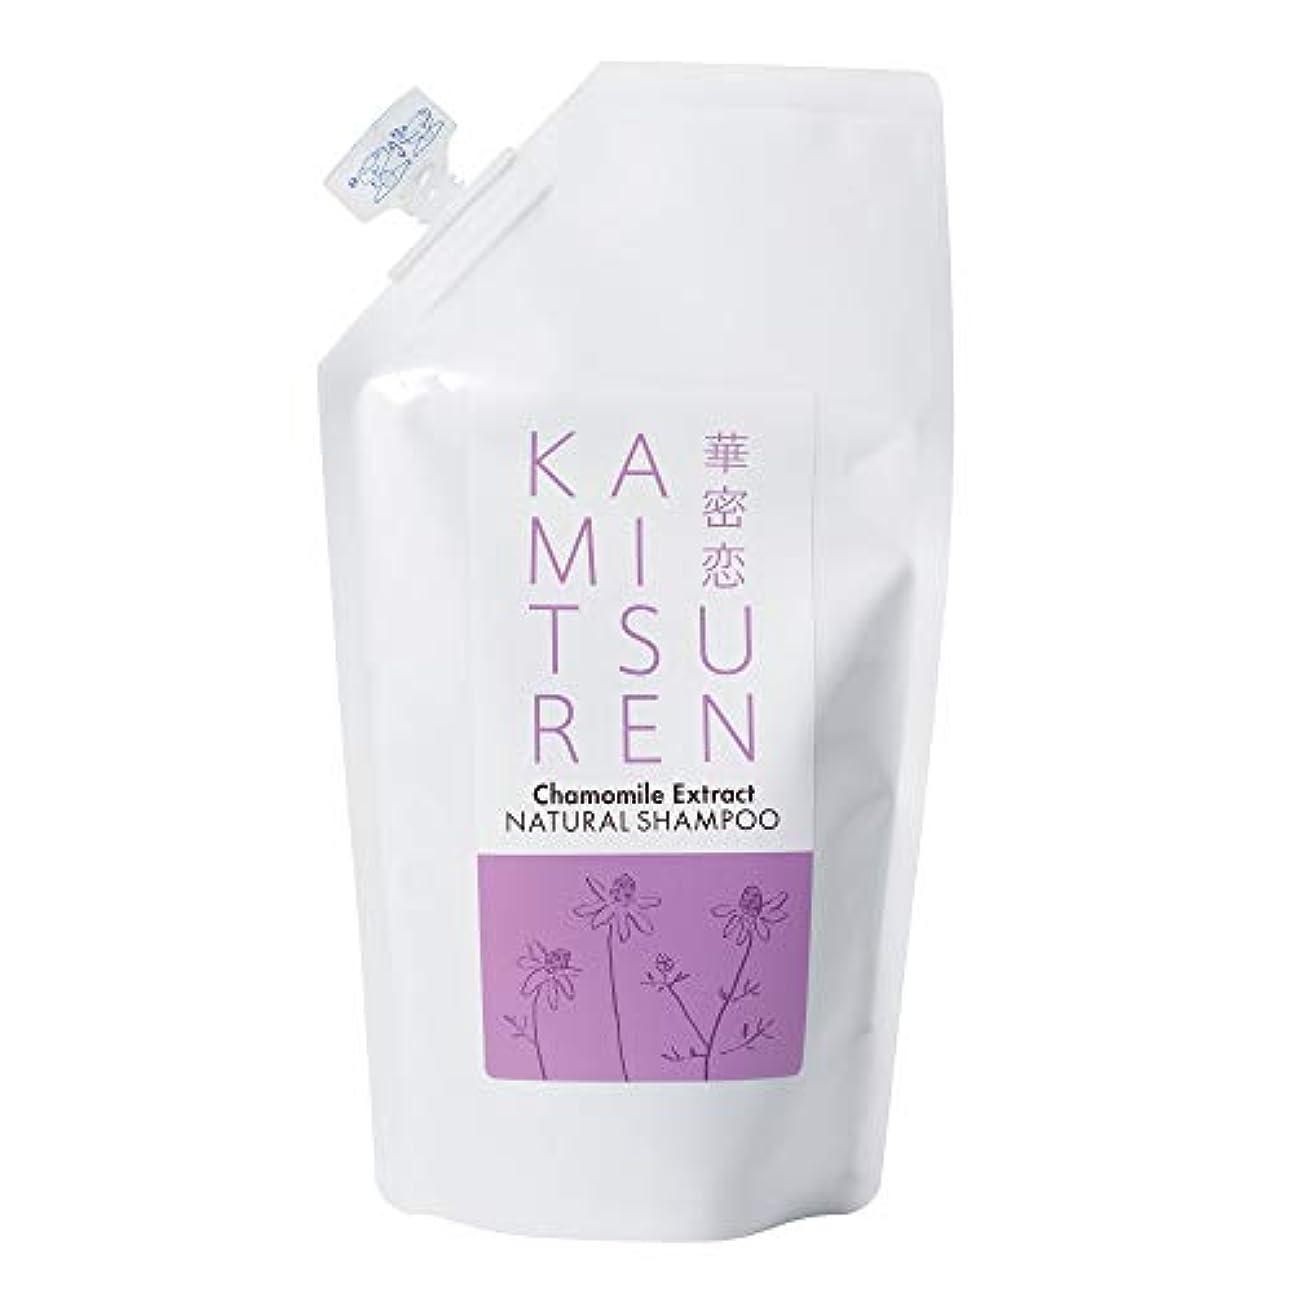 偽造フォローハード華密恋(KAMITSUREN) ナチュラルシャンプー 200ml(詰替え用)